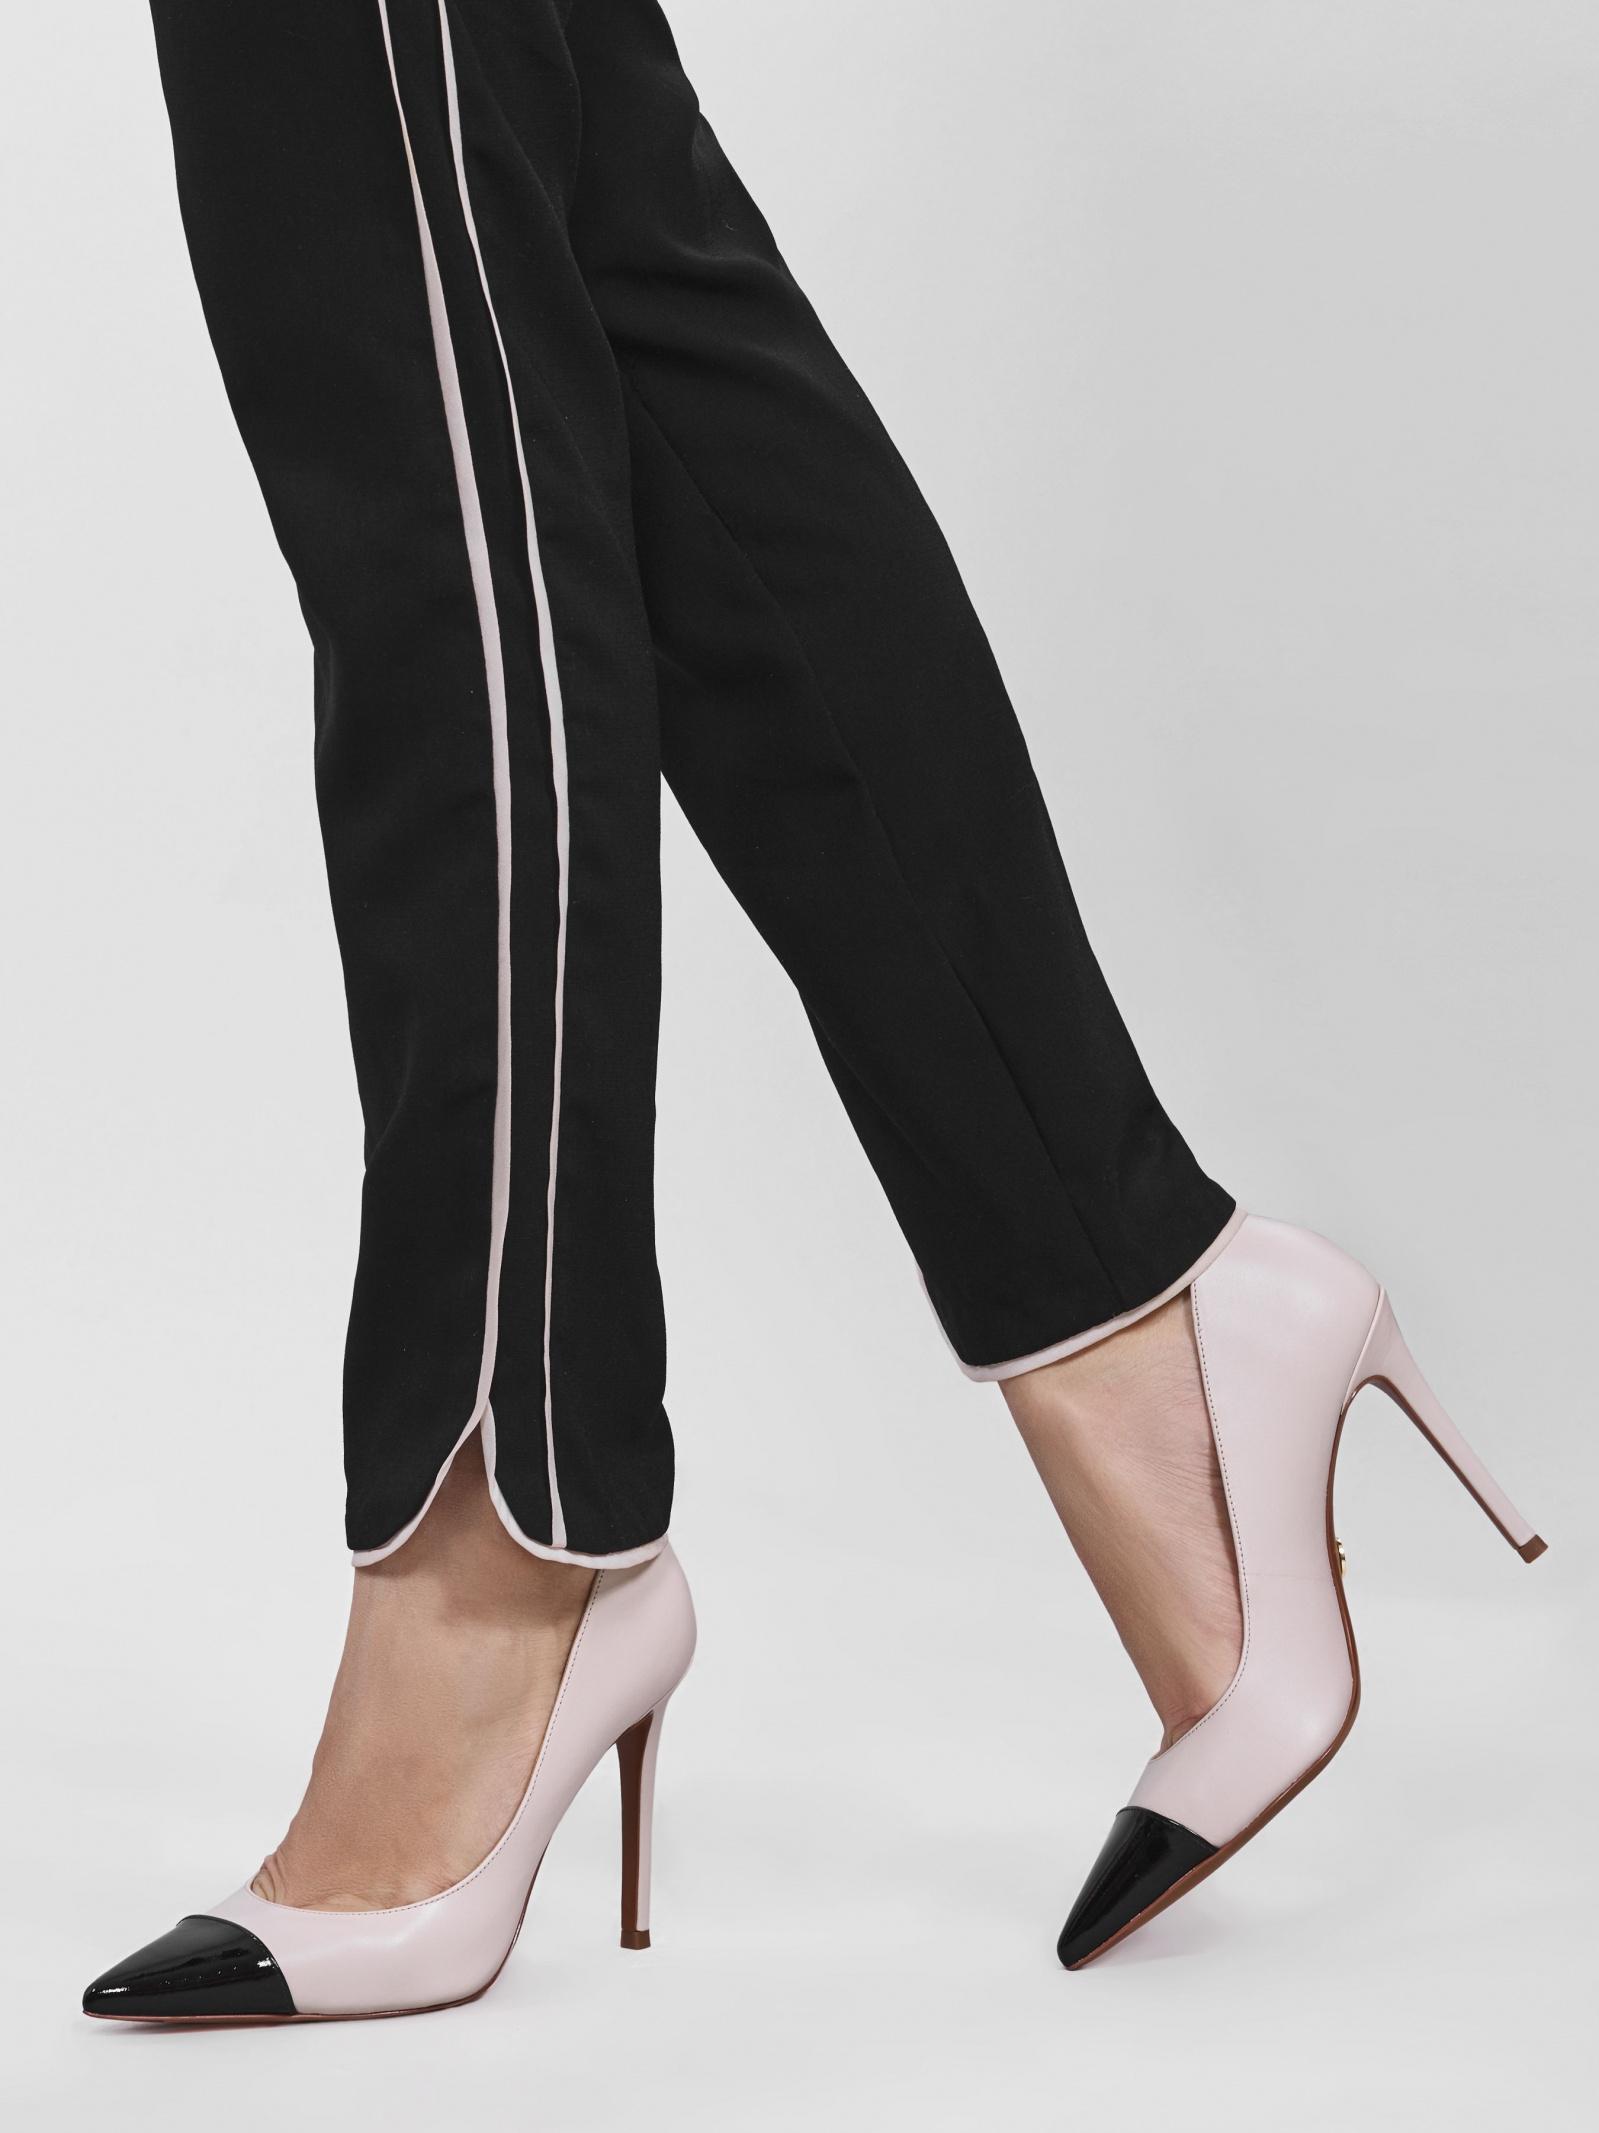 Туфли женские Michael Kors 4Y67 продажа, 2017